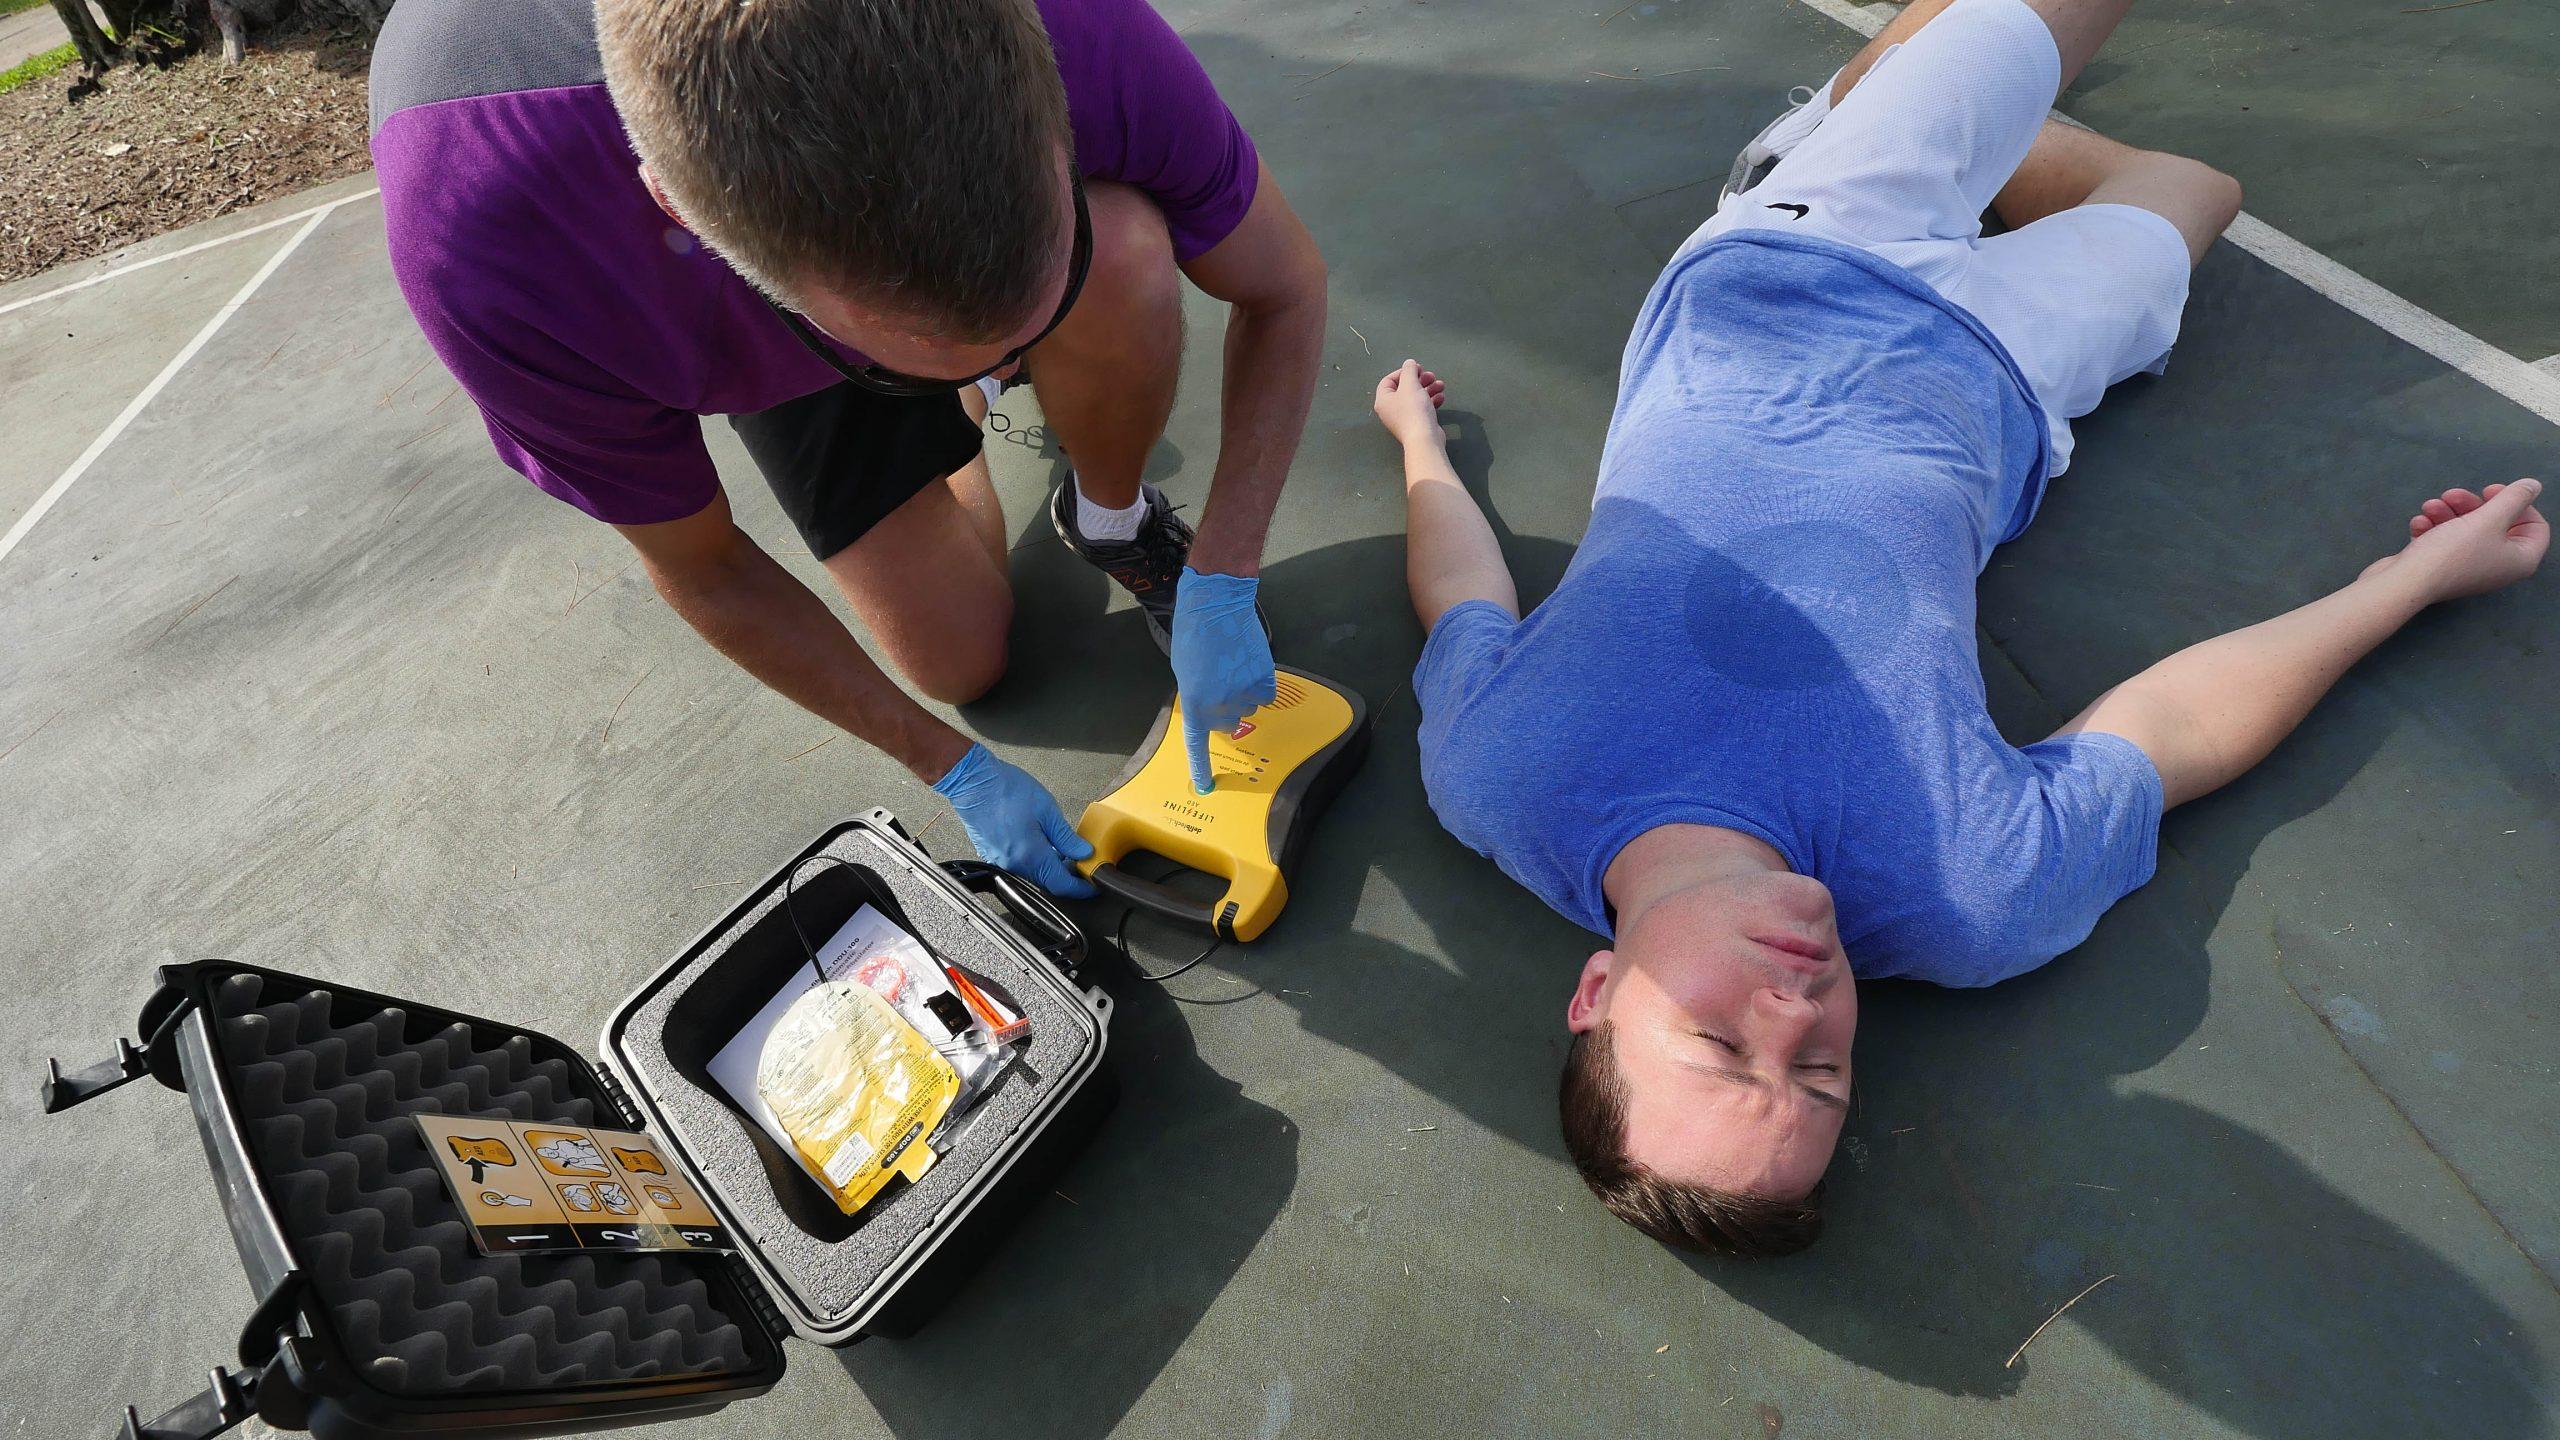 Eerste reactie-AED-wordt-gebruikt-foto